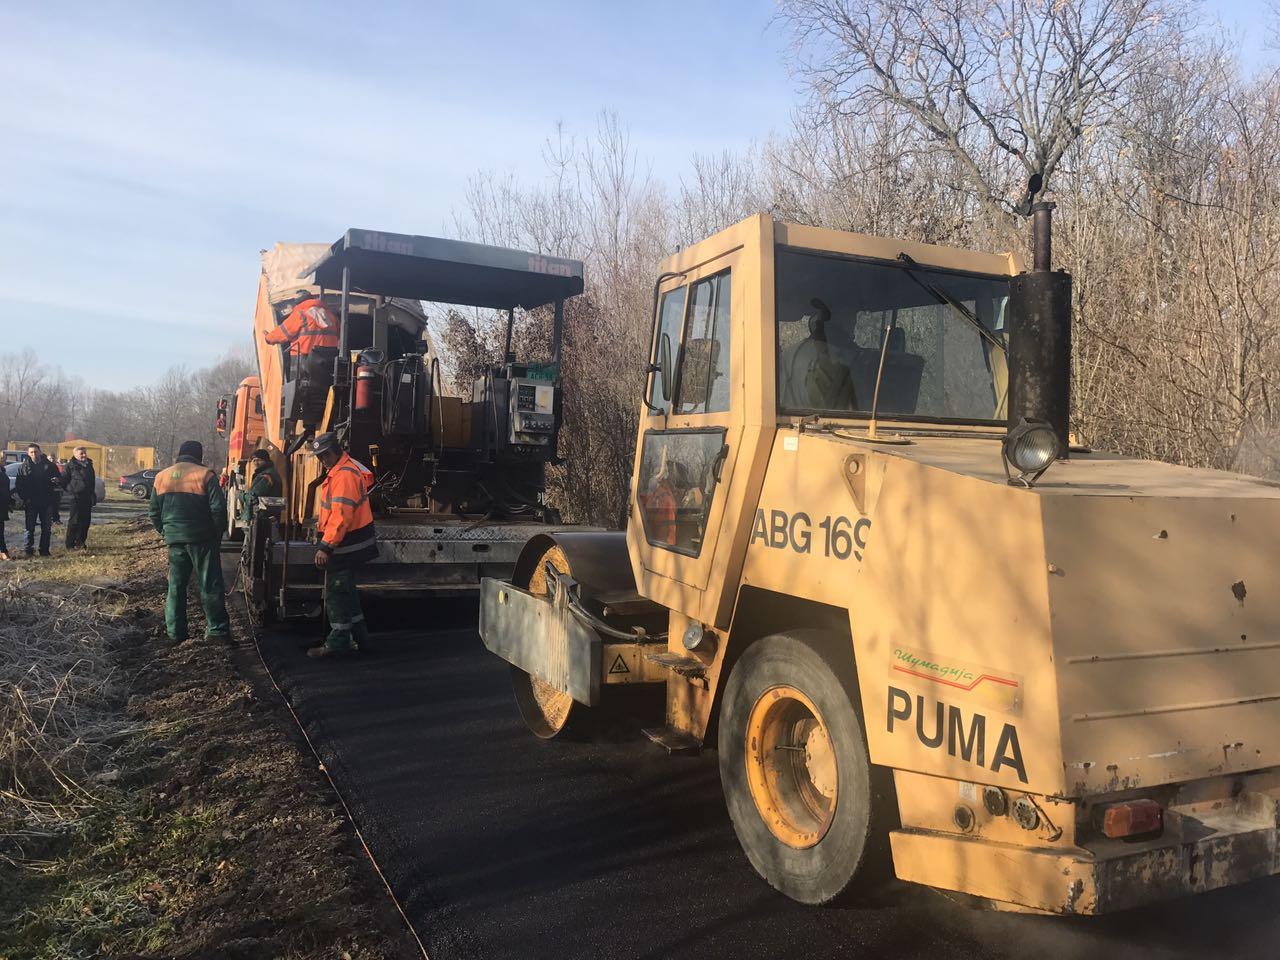 Започета санација локалних путева који су оштећени због изградње аутопута